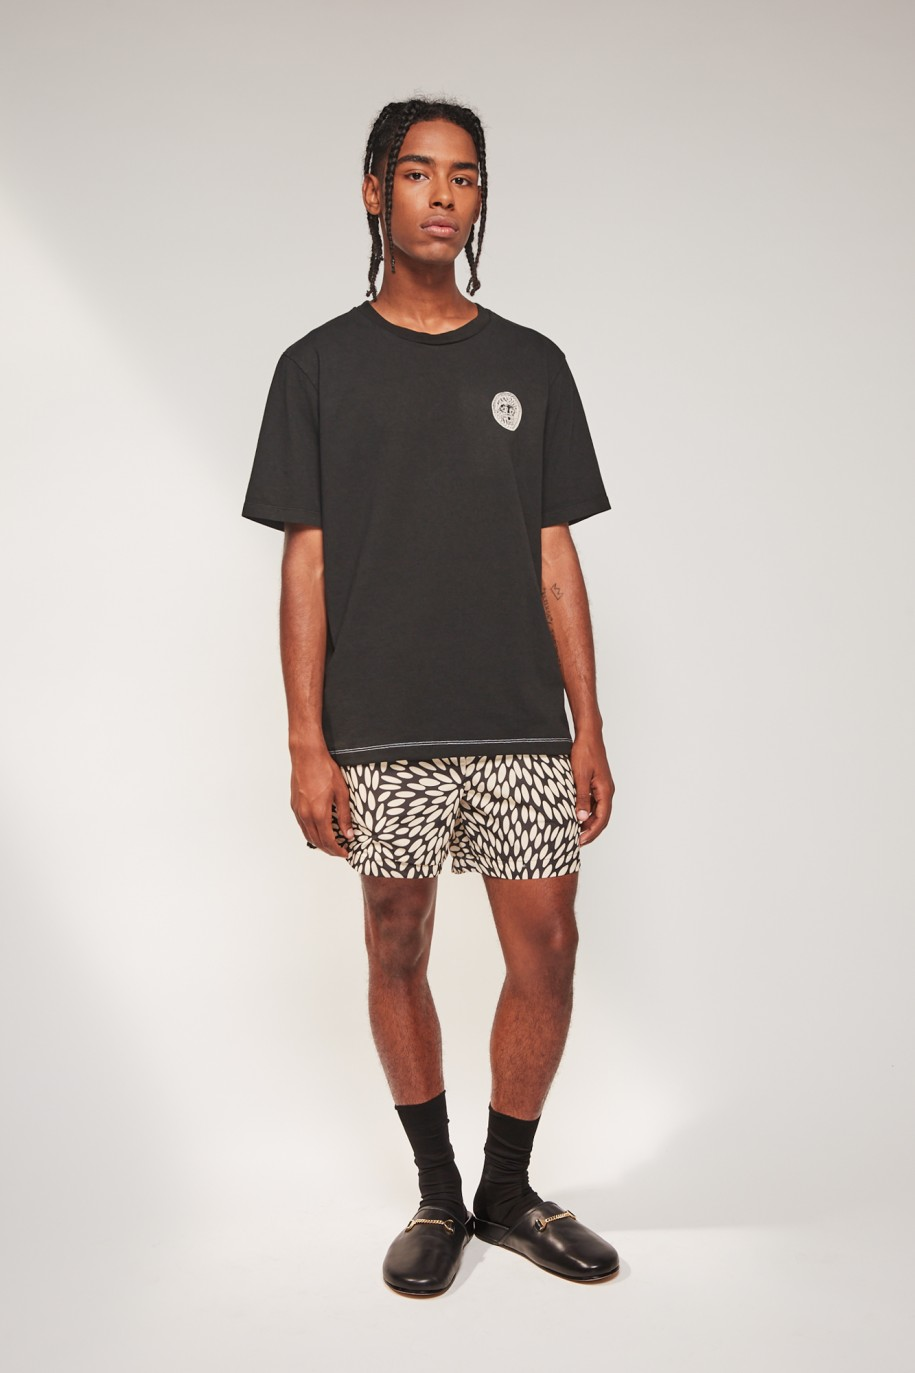 regulart-t-shirt-black.jpg899787